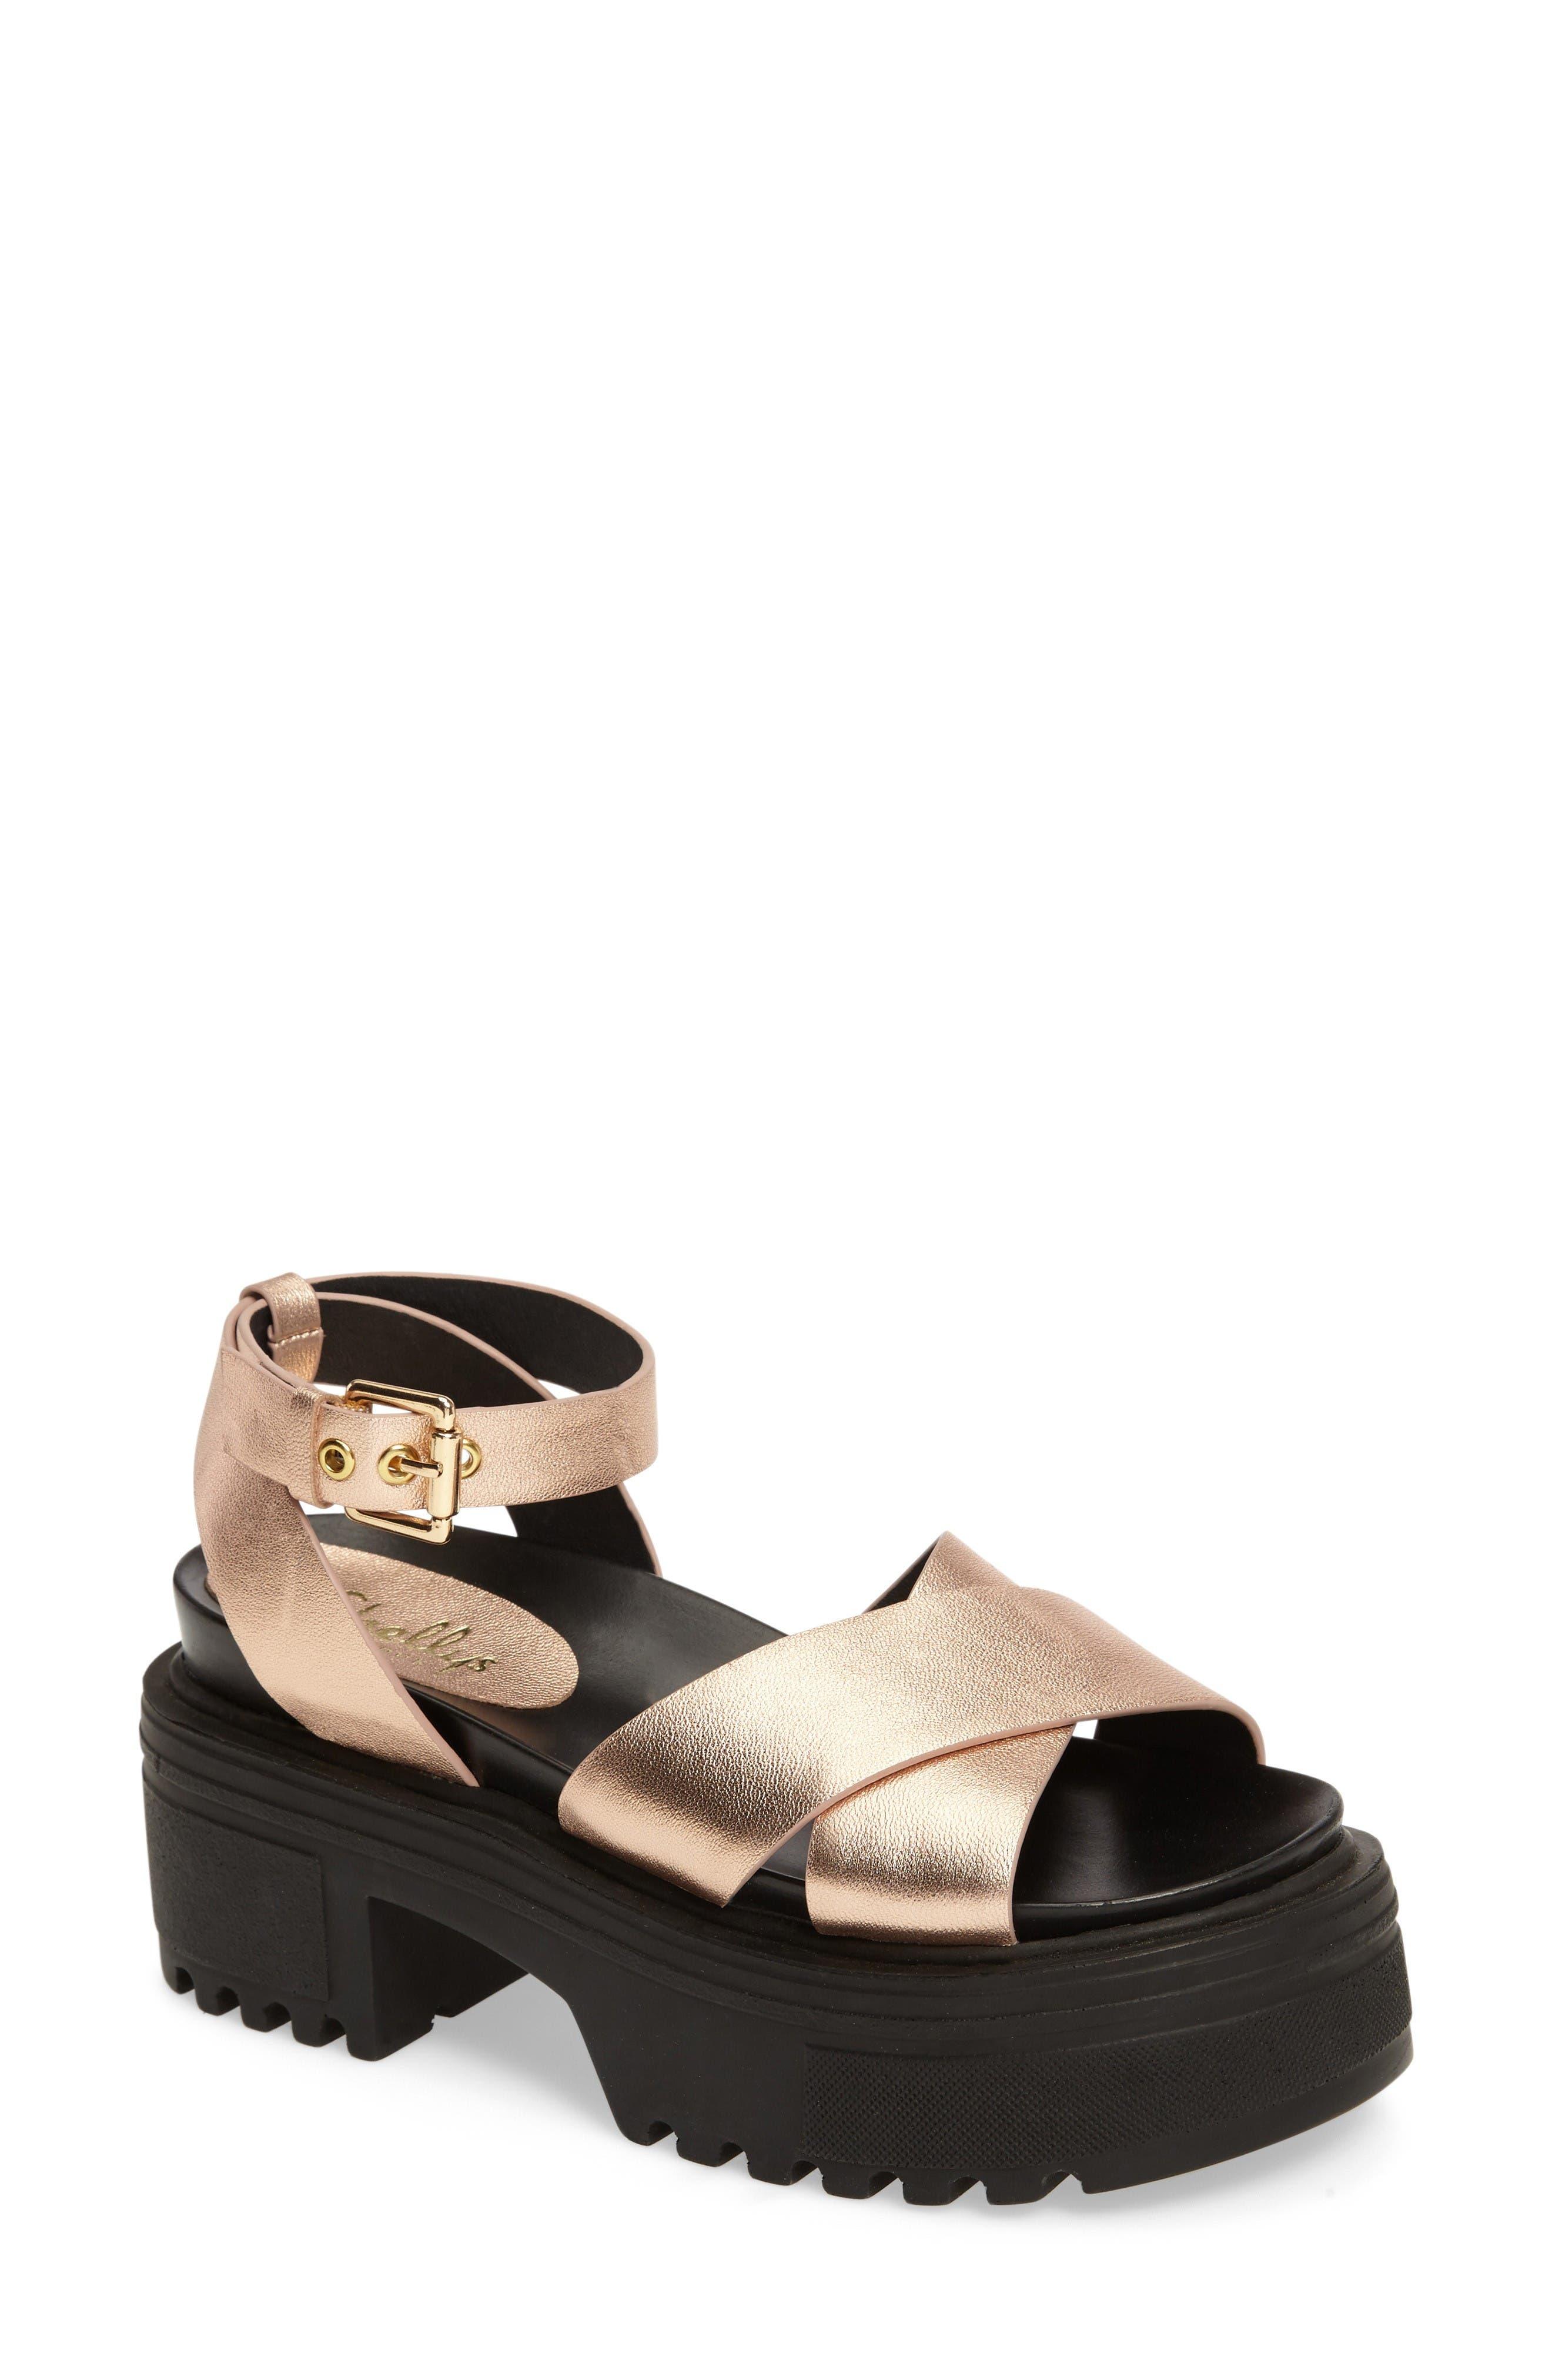 Shellys London Ankle Strap Platform Sandal (Women)